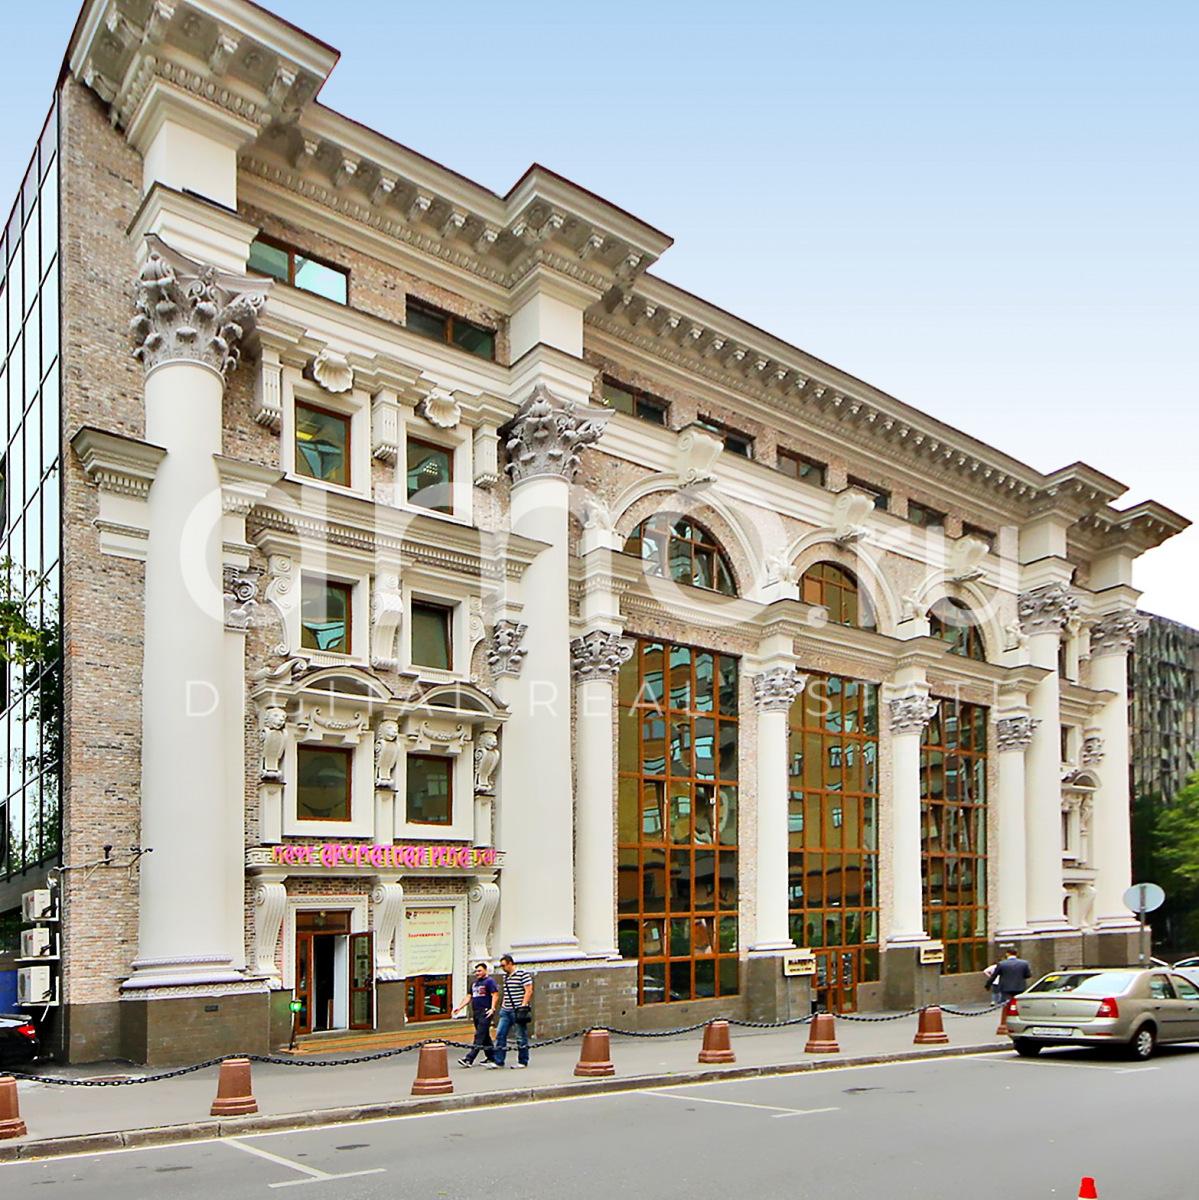 Офисные помещения под ключ Денисовский переулок миан недвижимость, аренда офиса